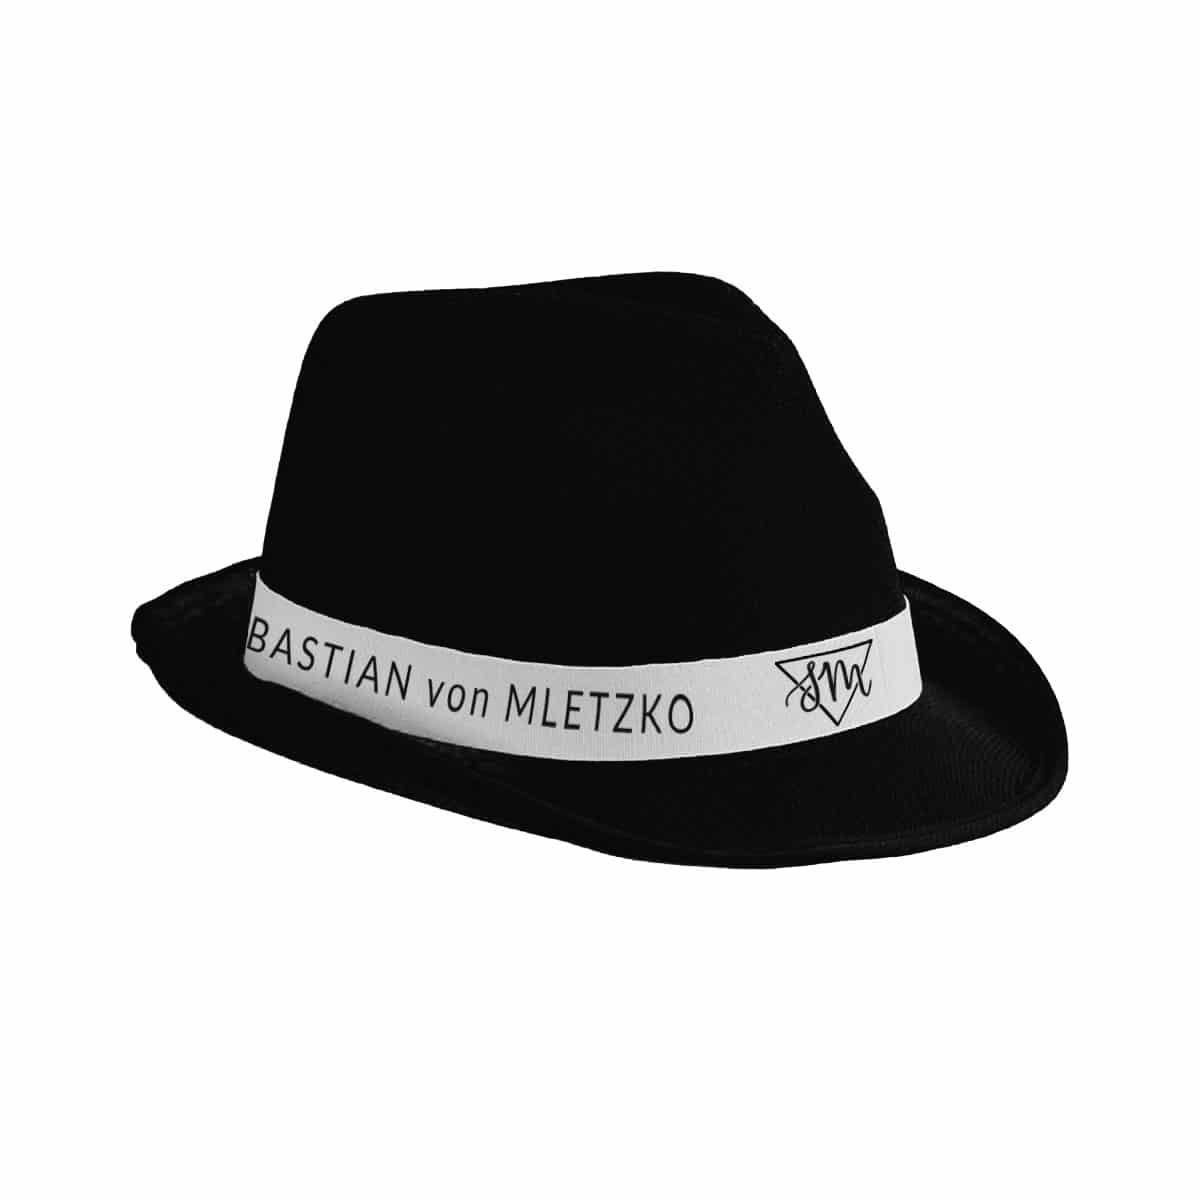 Sebastian von Mletzko Hut schwarz